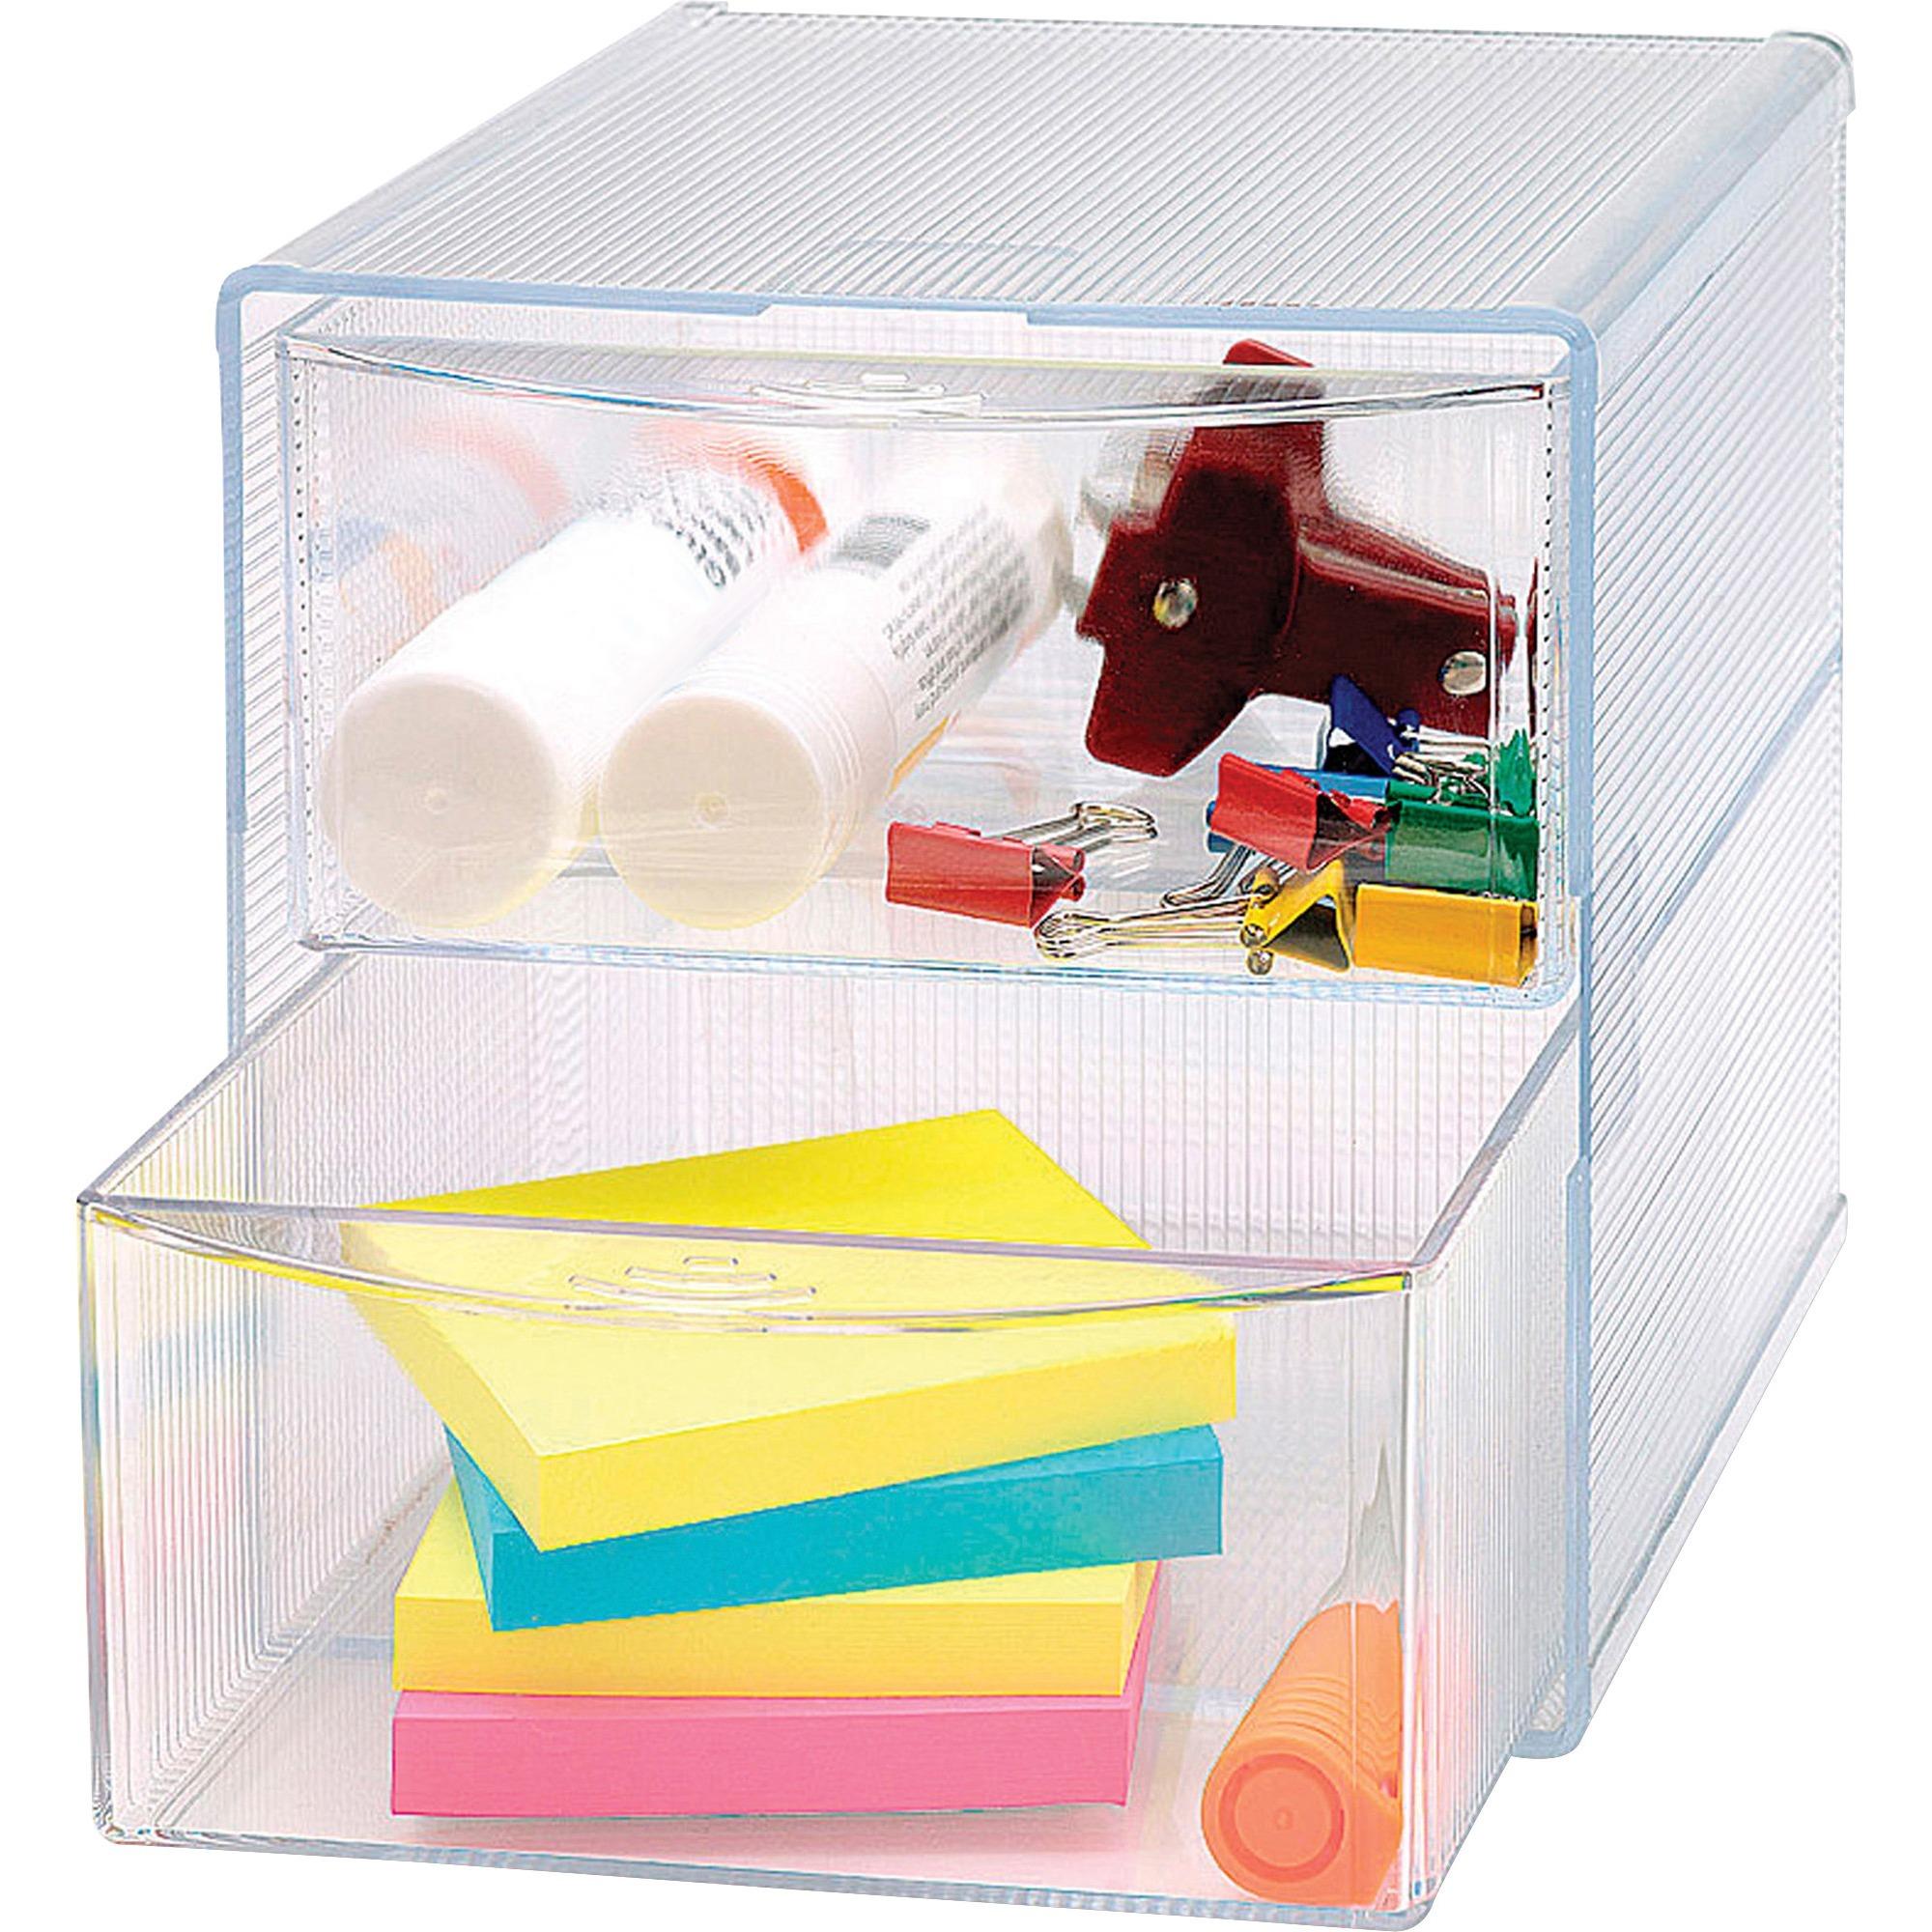 Business Source 2 Drawer Storage Organizer S 6 Height X Width Depth Desktop Clear 1each